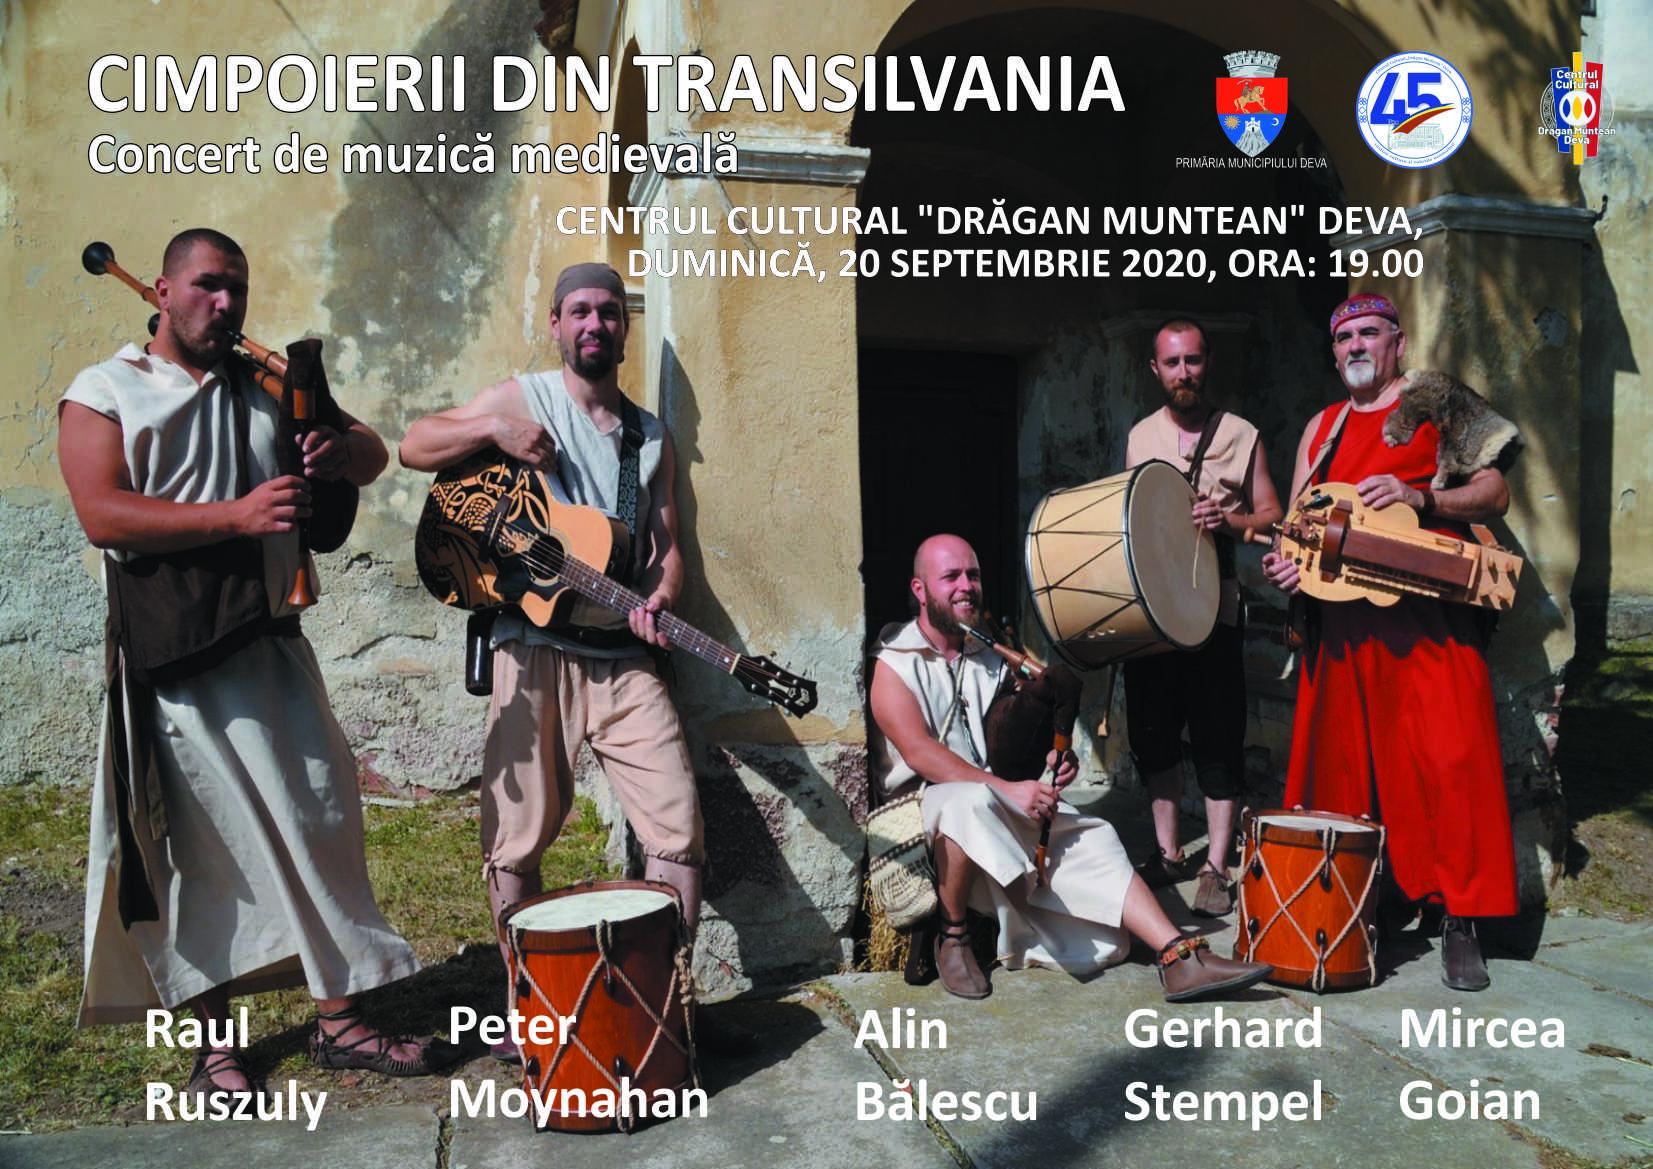 """Acorduri medievale vor răsuna în centrul Devei. Călătorie muzicală prin secolele XIII-XVII cu """"Cimpoierii din Transilvania"""""""